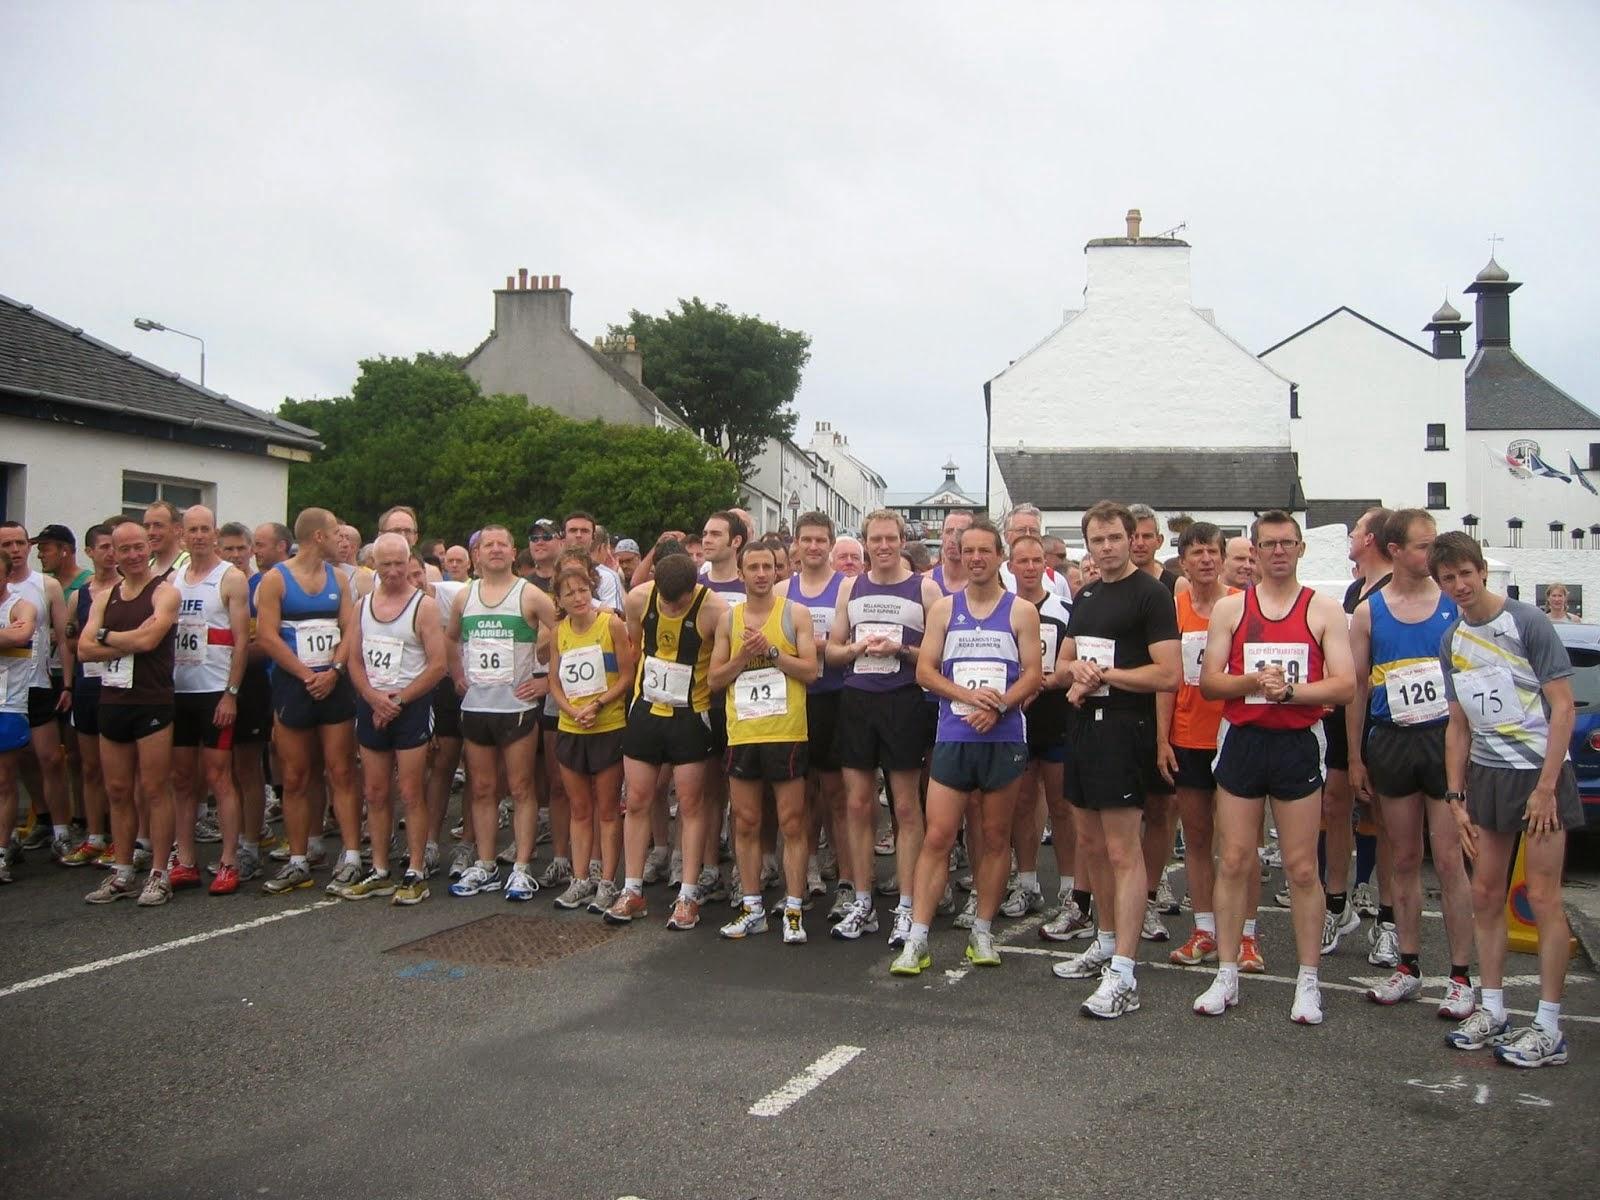 2014 Entrants